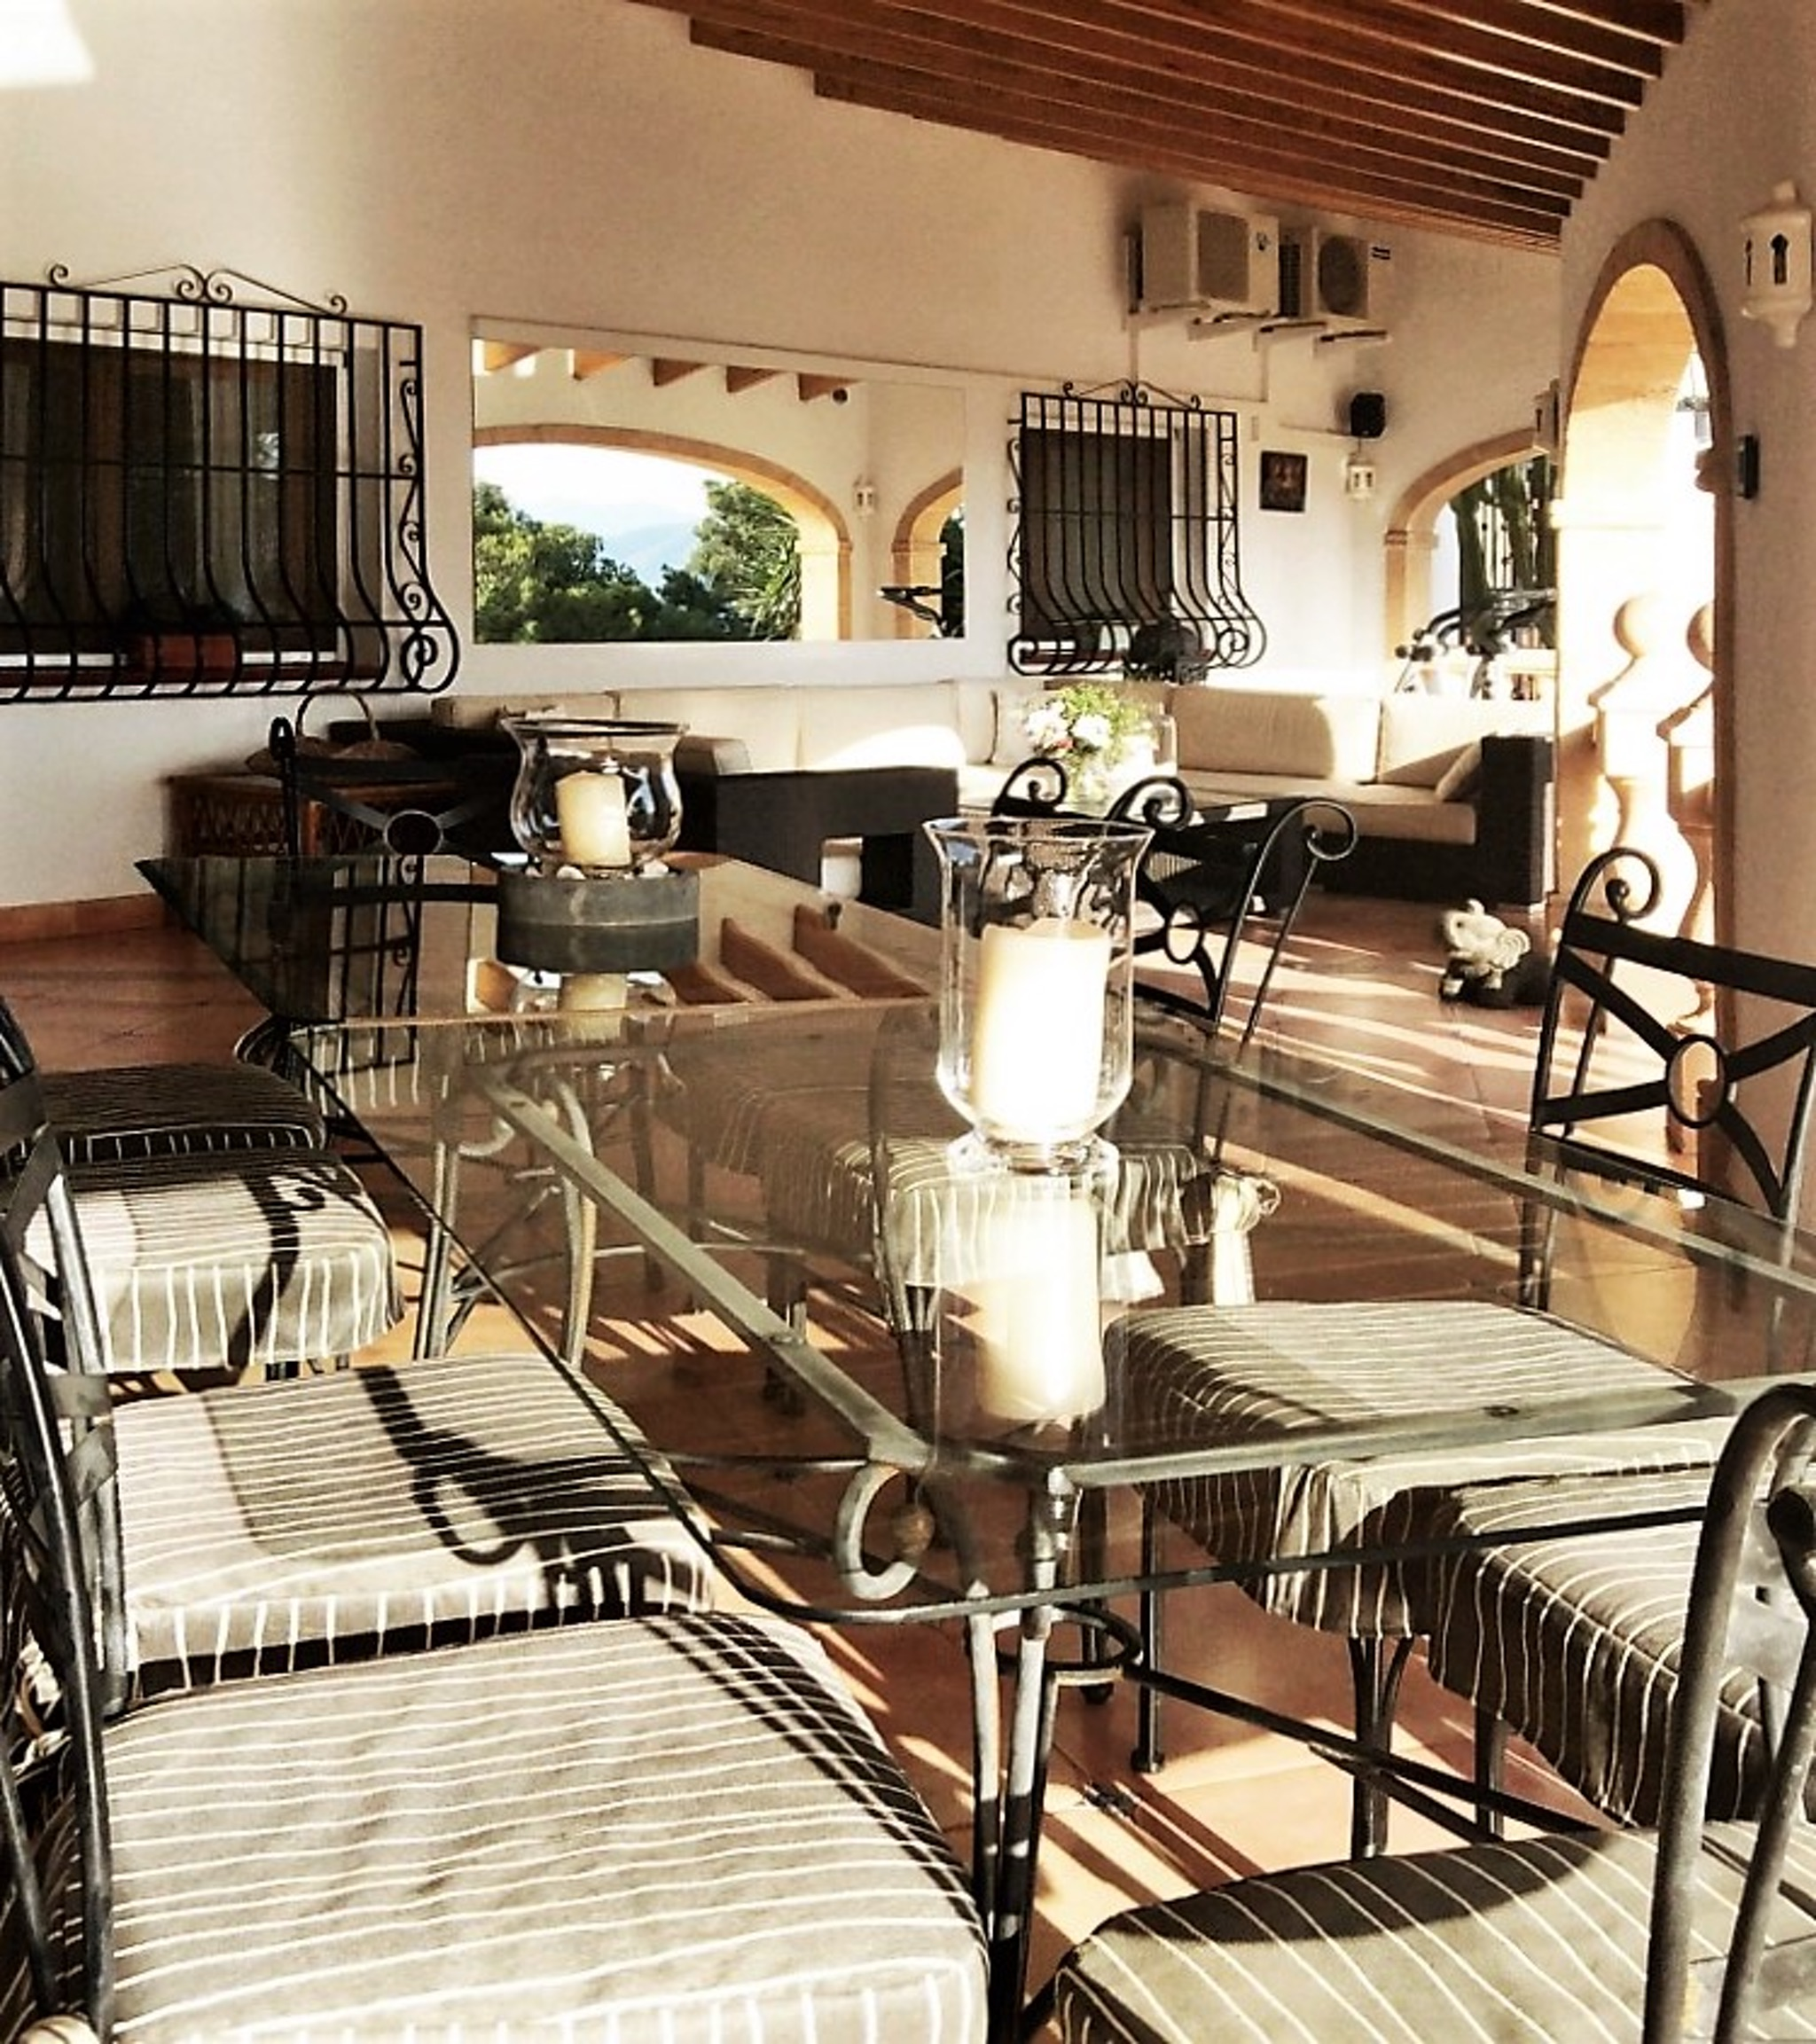 Ferienhaus Geräumige Villa mit fünf Schlafzimmer in Javea mit möblierter Terrasse, Pool und toller Au (2201168), Jávea, Costa Blanca, Valencia, Spanien, Bild 16